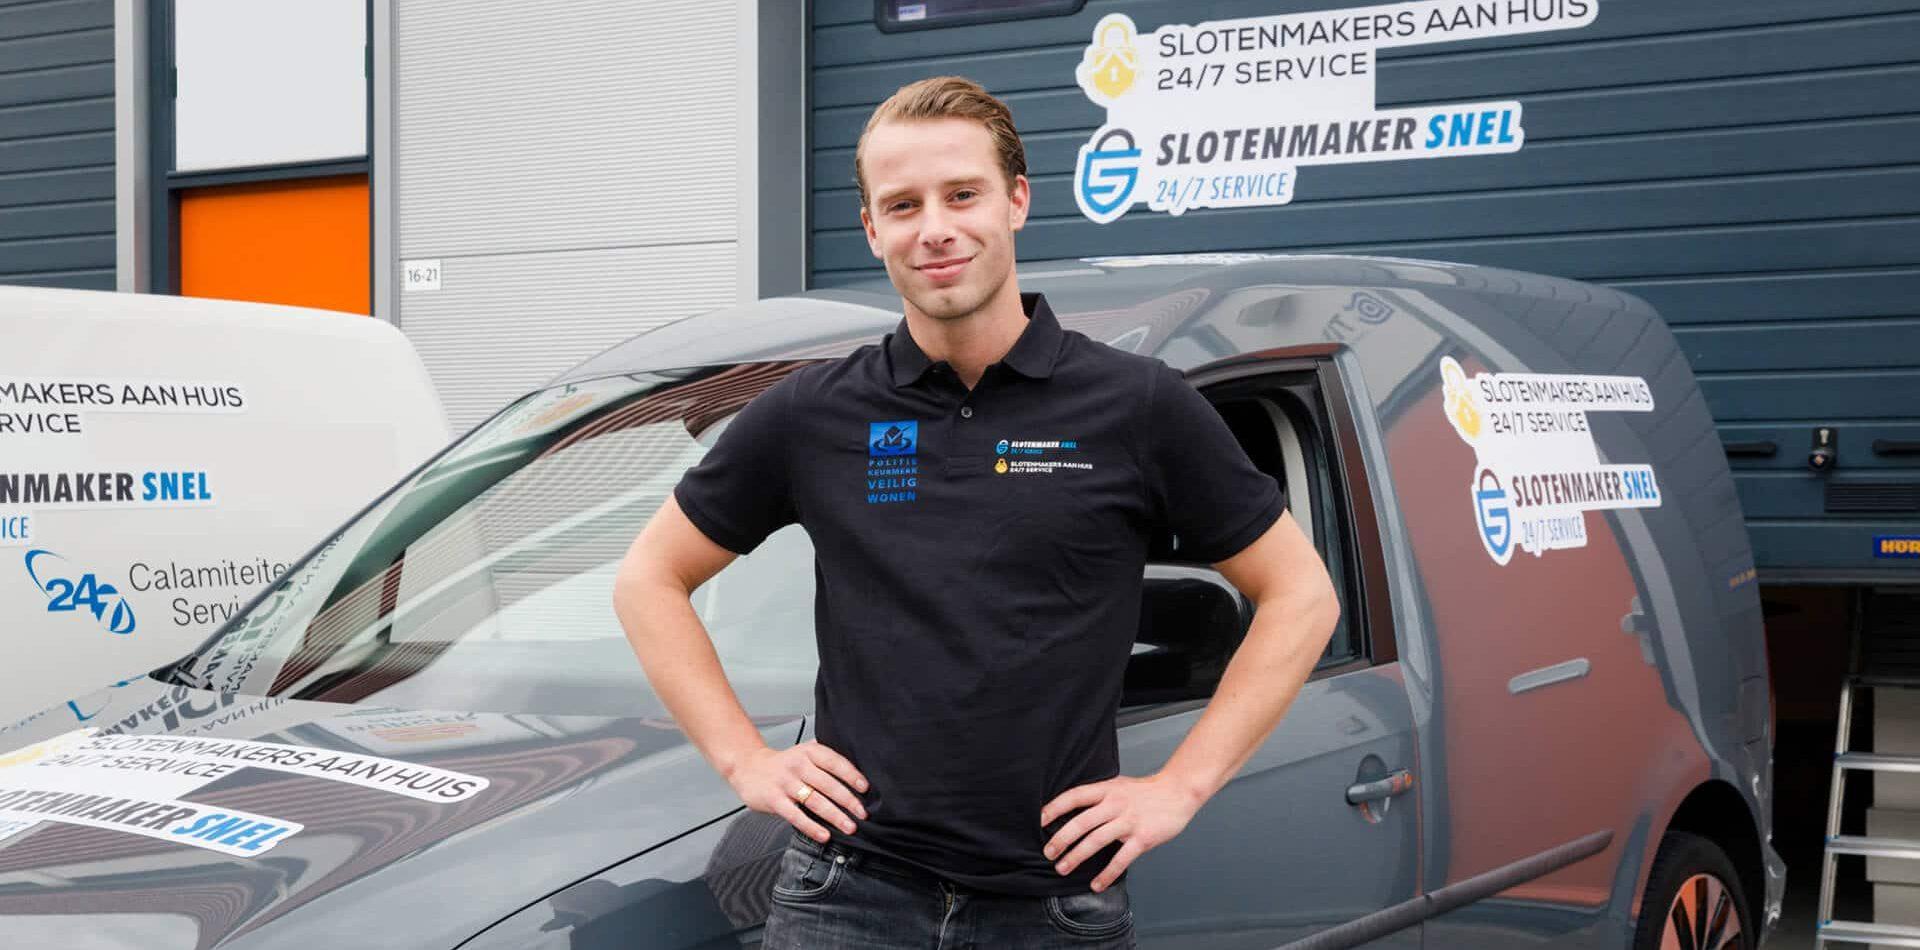 Slotenmaker Eemnes